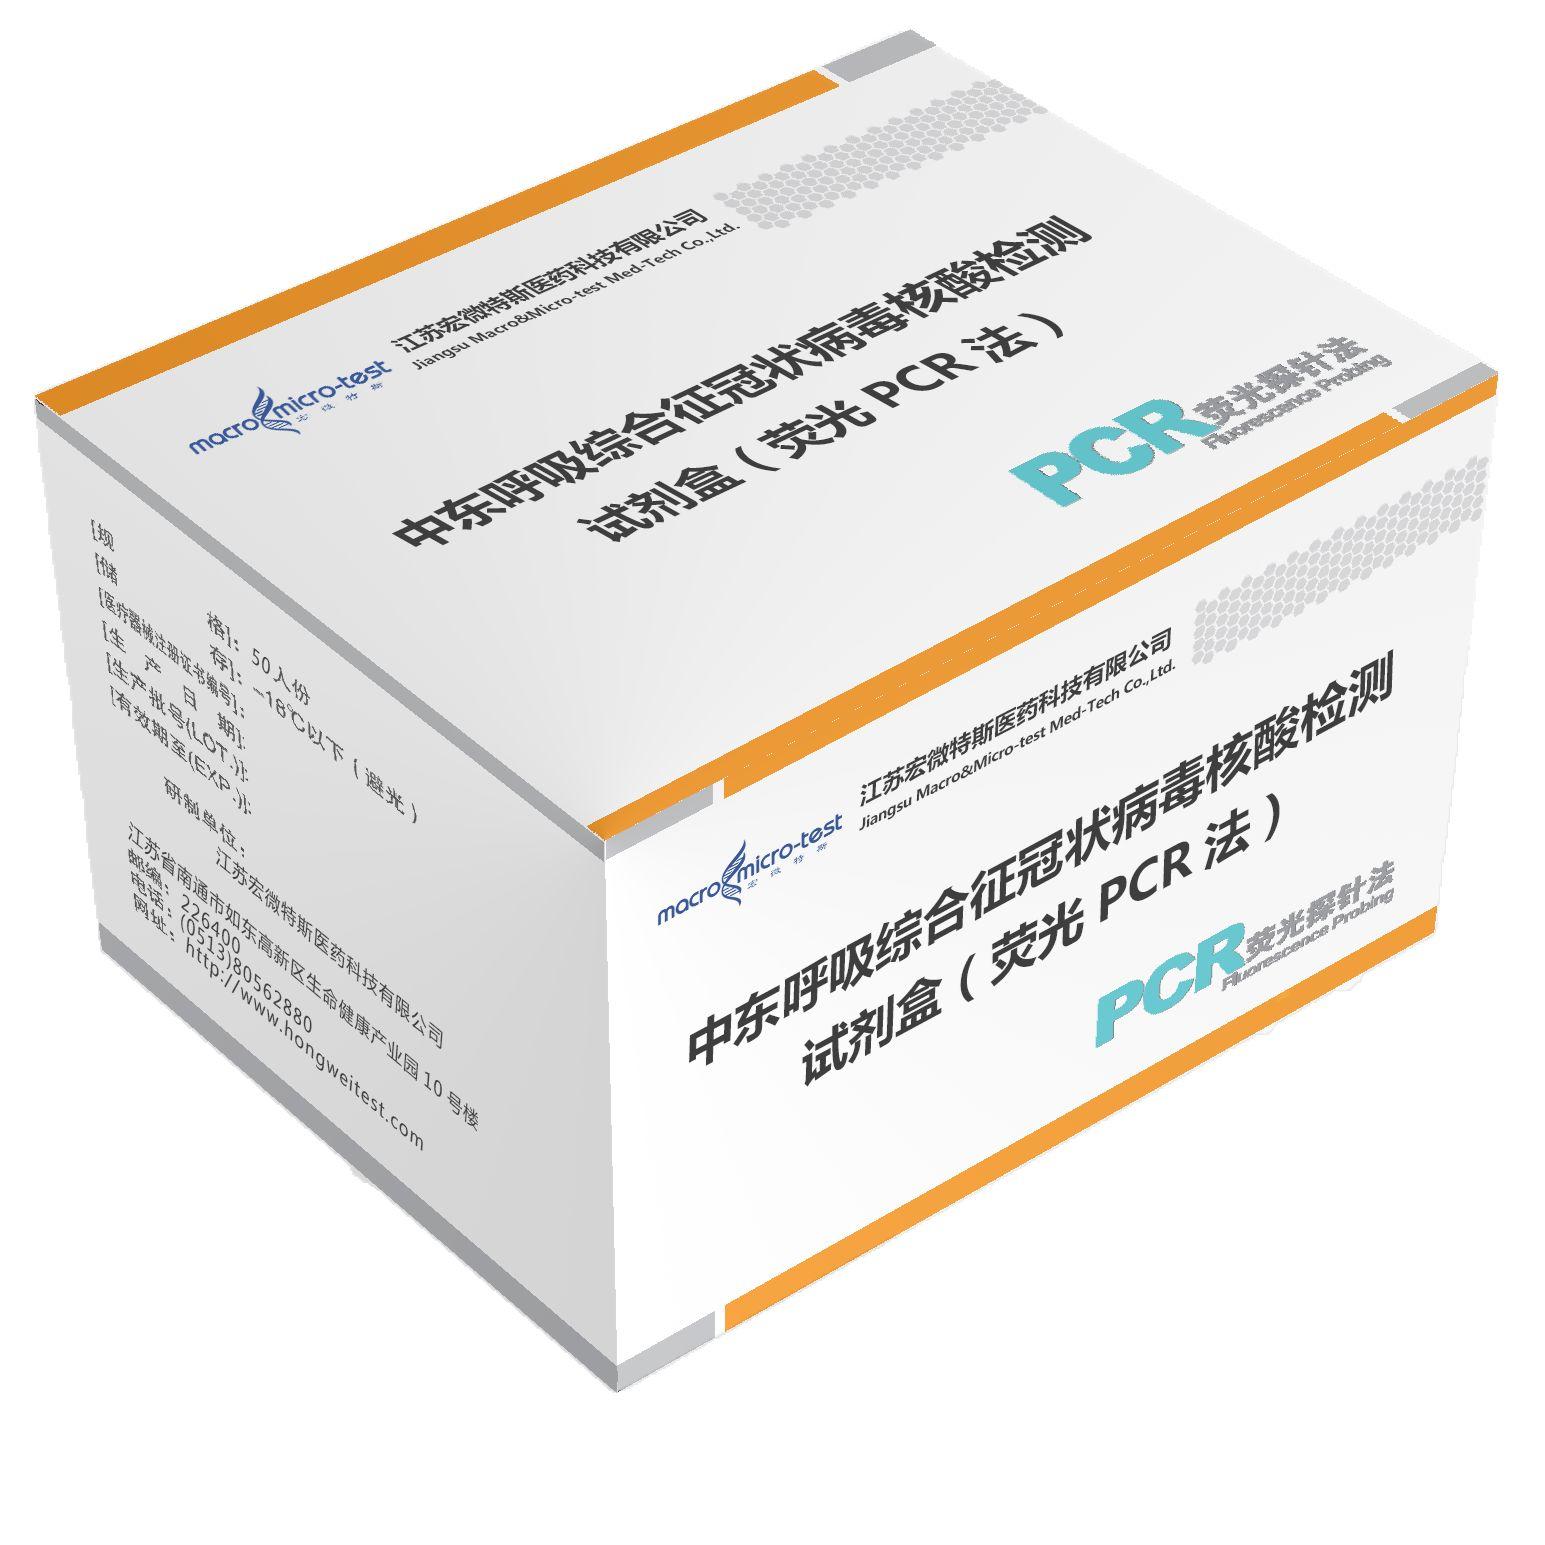 中东呼吸综合征冠状病毒核酸检测试剂盒(荧光PCR法)